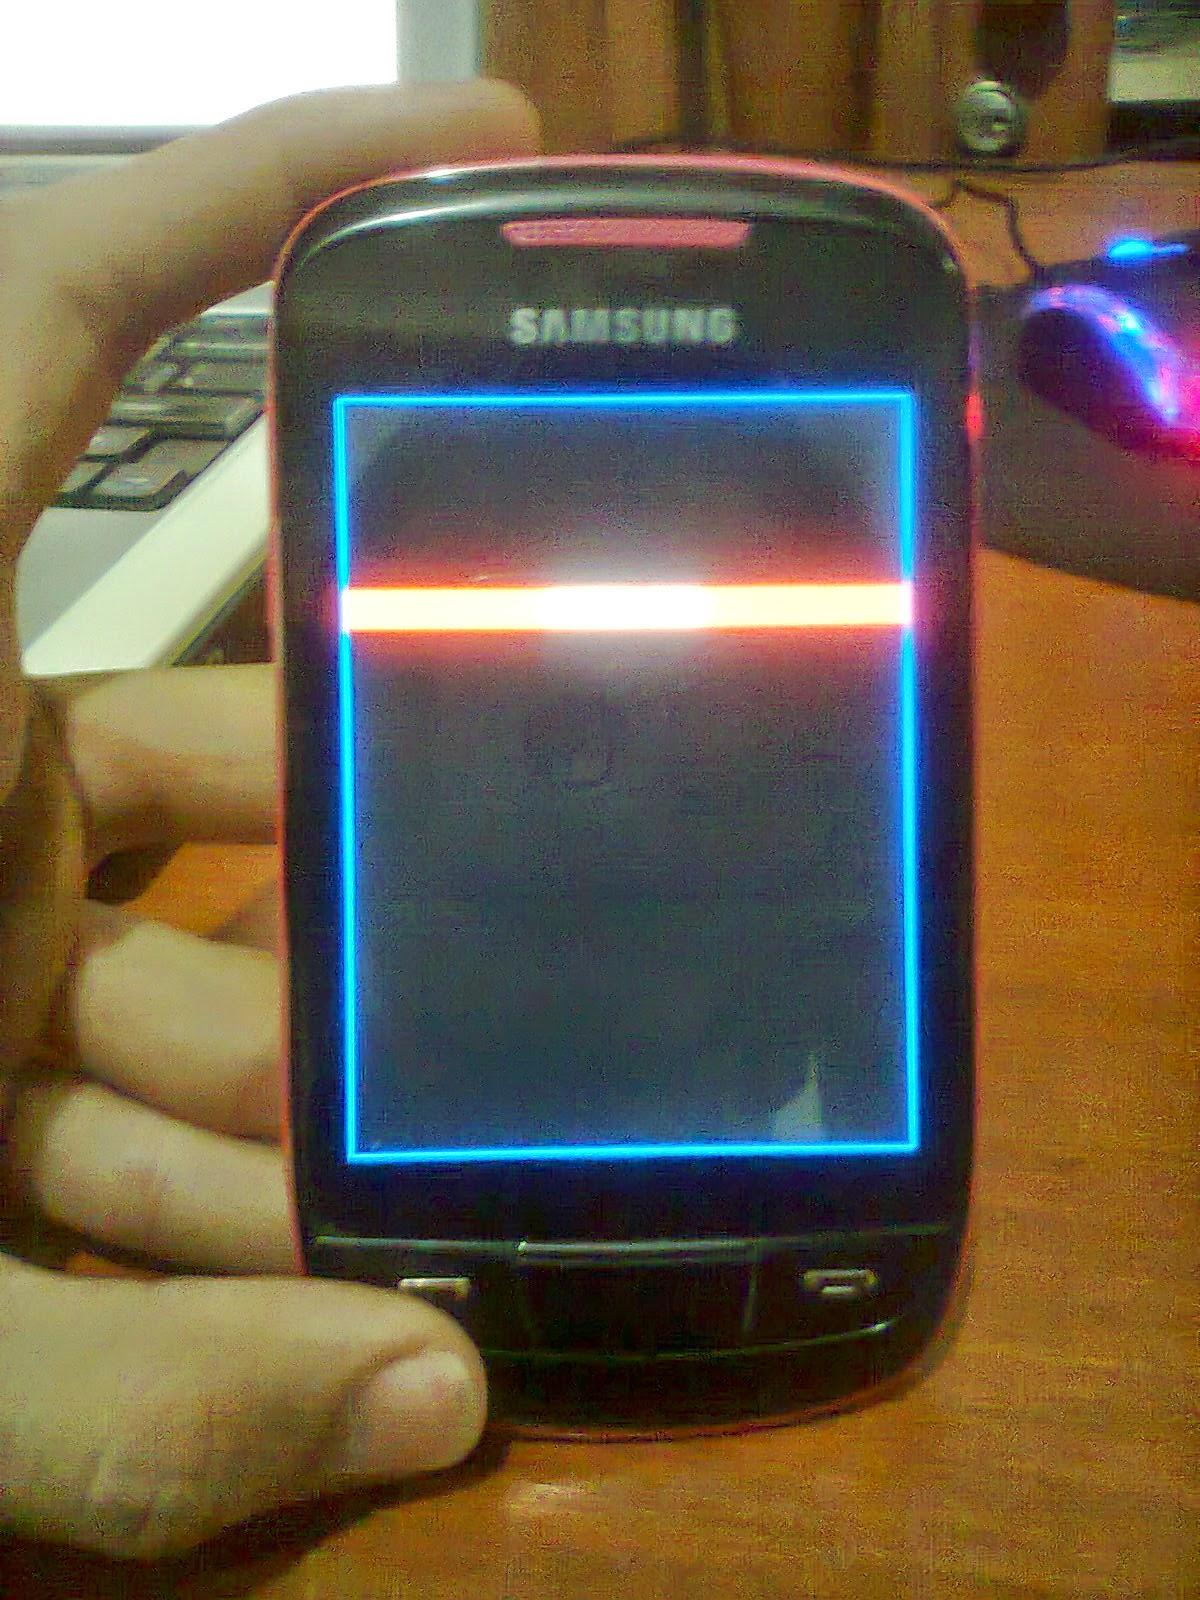 Tutorial memperbaiki Samsung corby 2 error dan restart berkali kali [Flashing GT-S3850], Tutorial memperbaiki Samsung corby 2 error dan restart berkali kali (Flashing GT-S3850), memperbaiki Samsung corby 2 yang error dan bahkan restart berkali kali